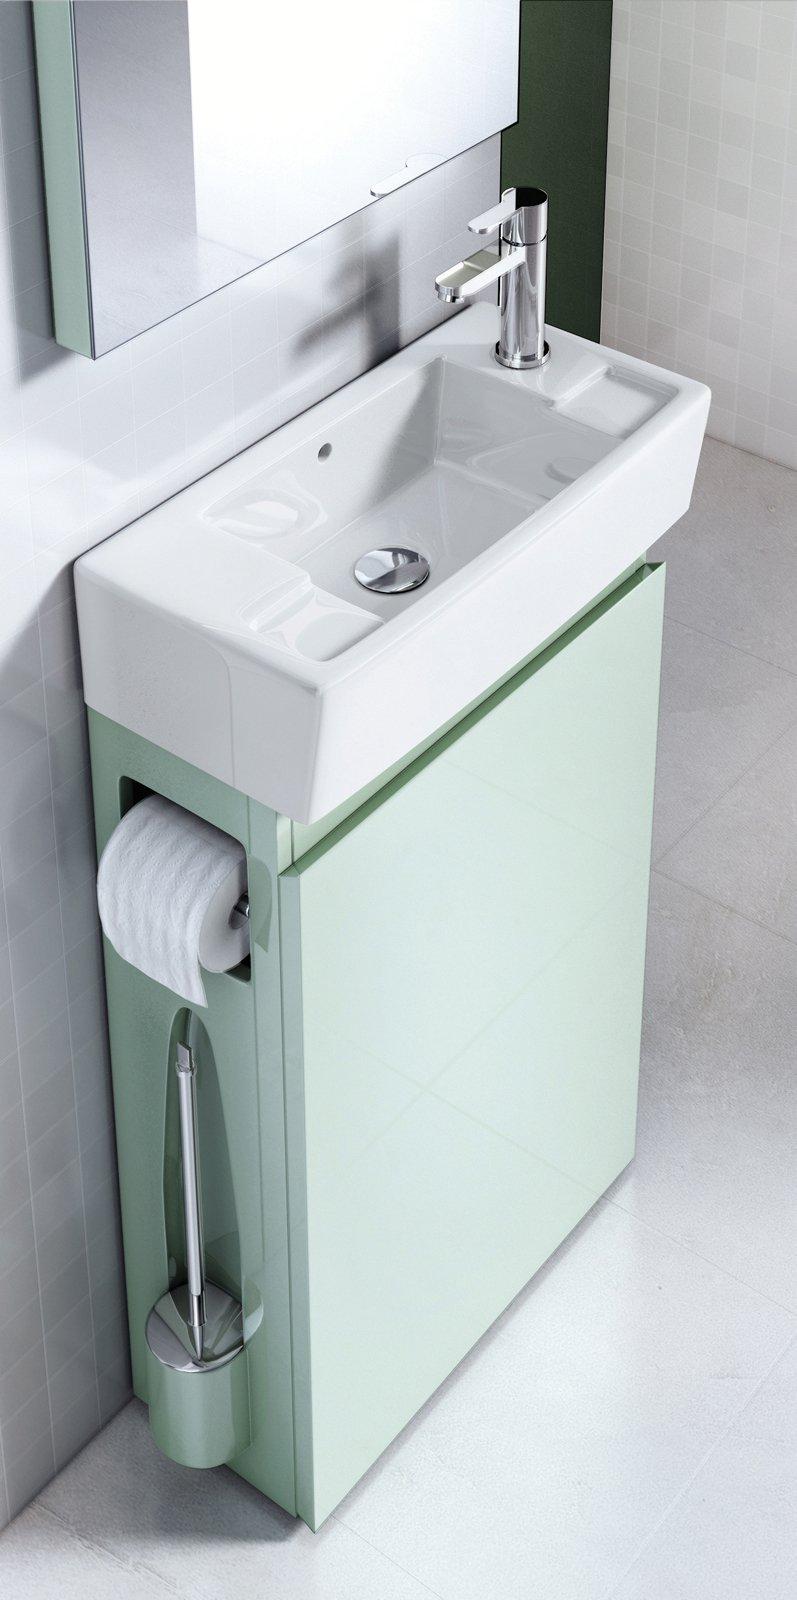 il mobile sottolavabo allinone di aquacabinets by regia in mdf nella finitura acquamarina ha antina reversibile